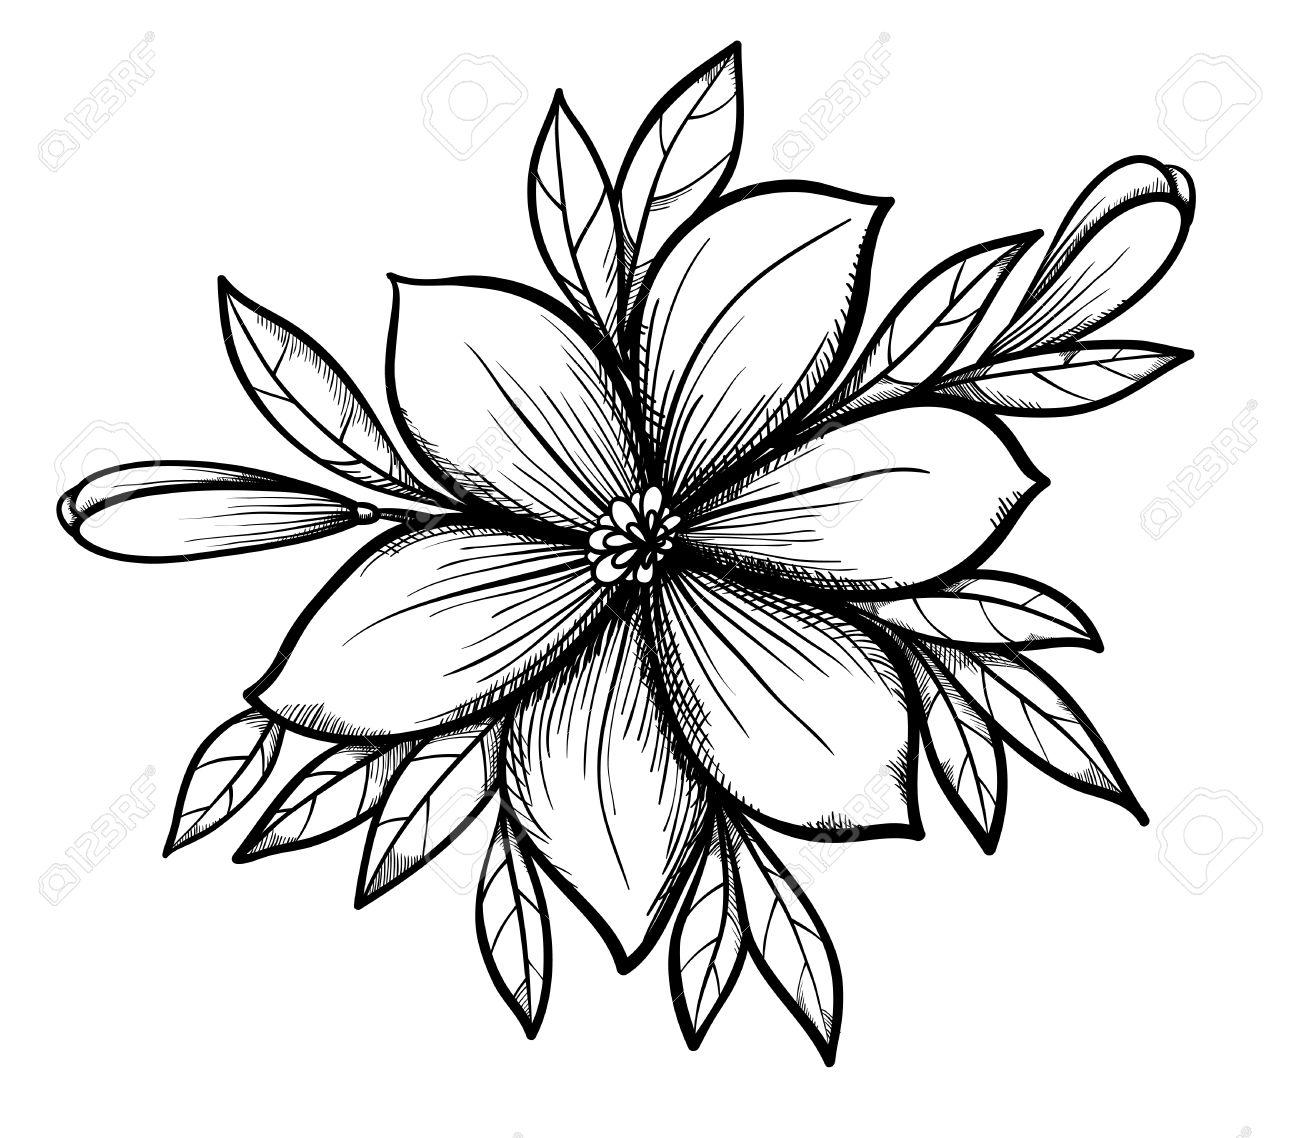 Hermoso Dibujo Gráfico Lily Rama Con Hojas Y Brotes De Las Flores De